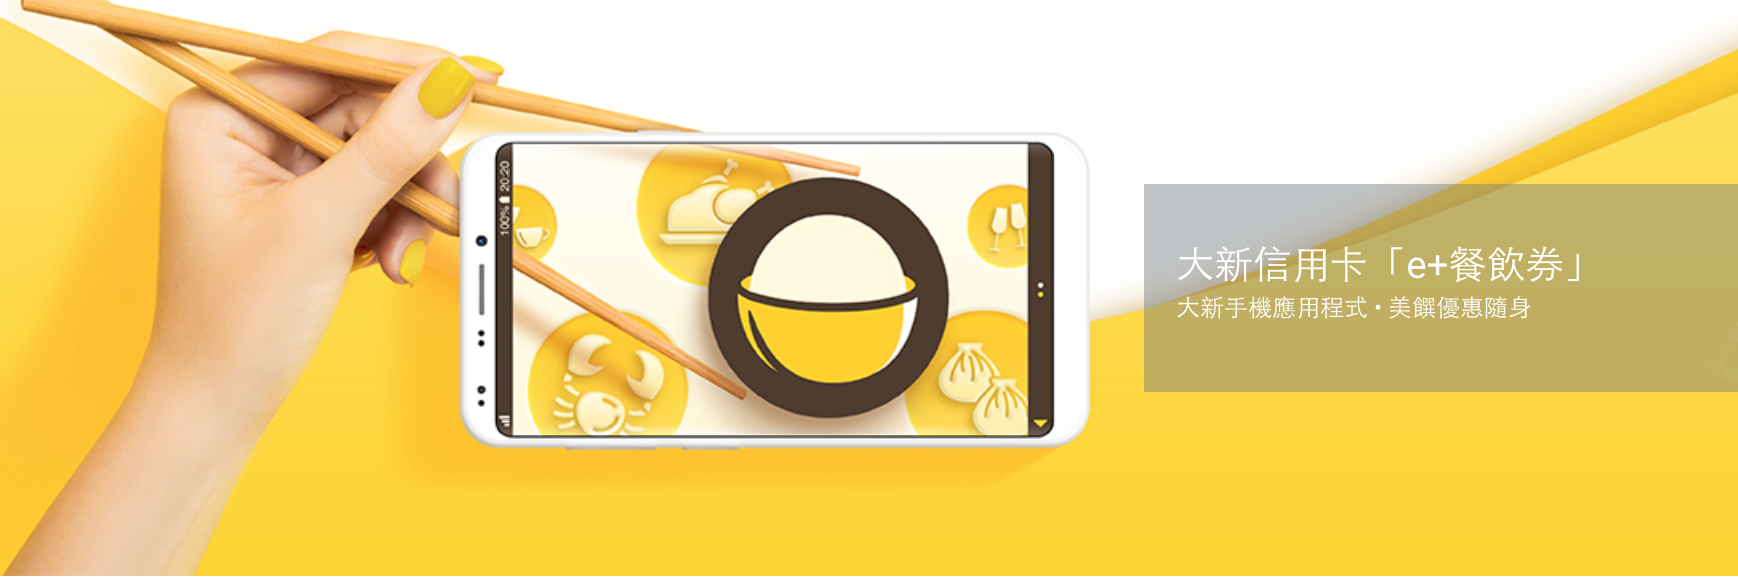 大新信用卡 x Openrice「e+餐飲券」優惠!單一簽賬滿HK$300就有HK$30現金回贈!